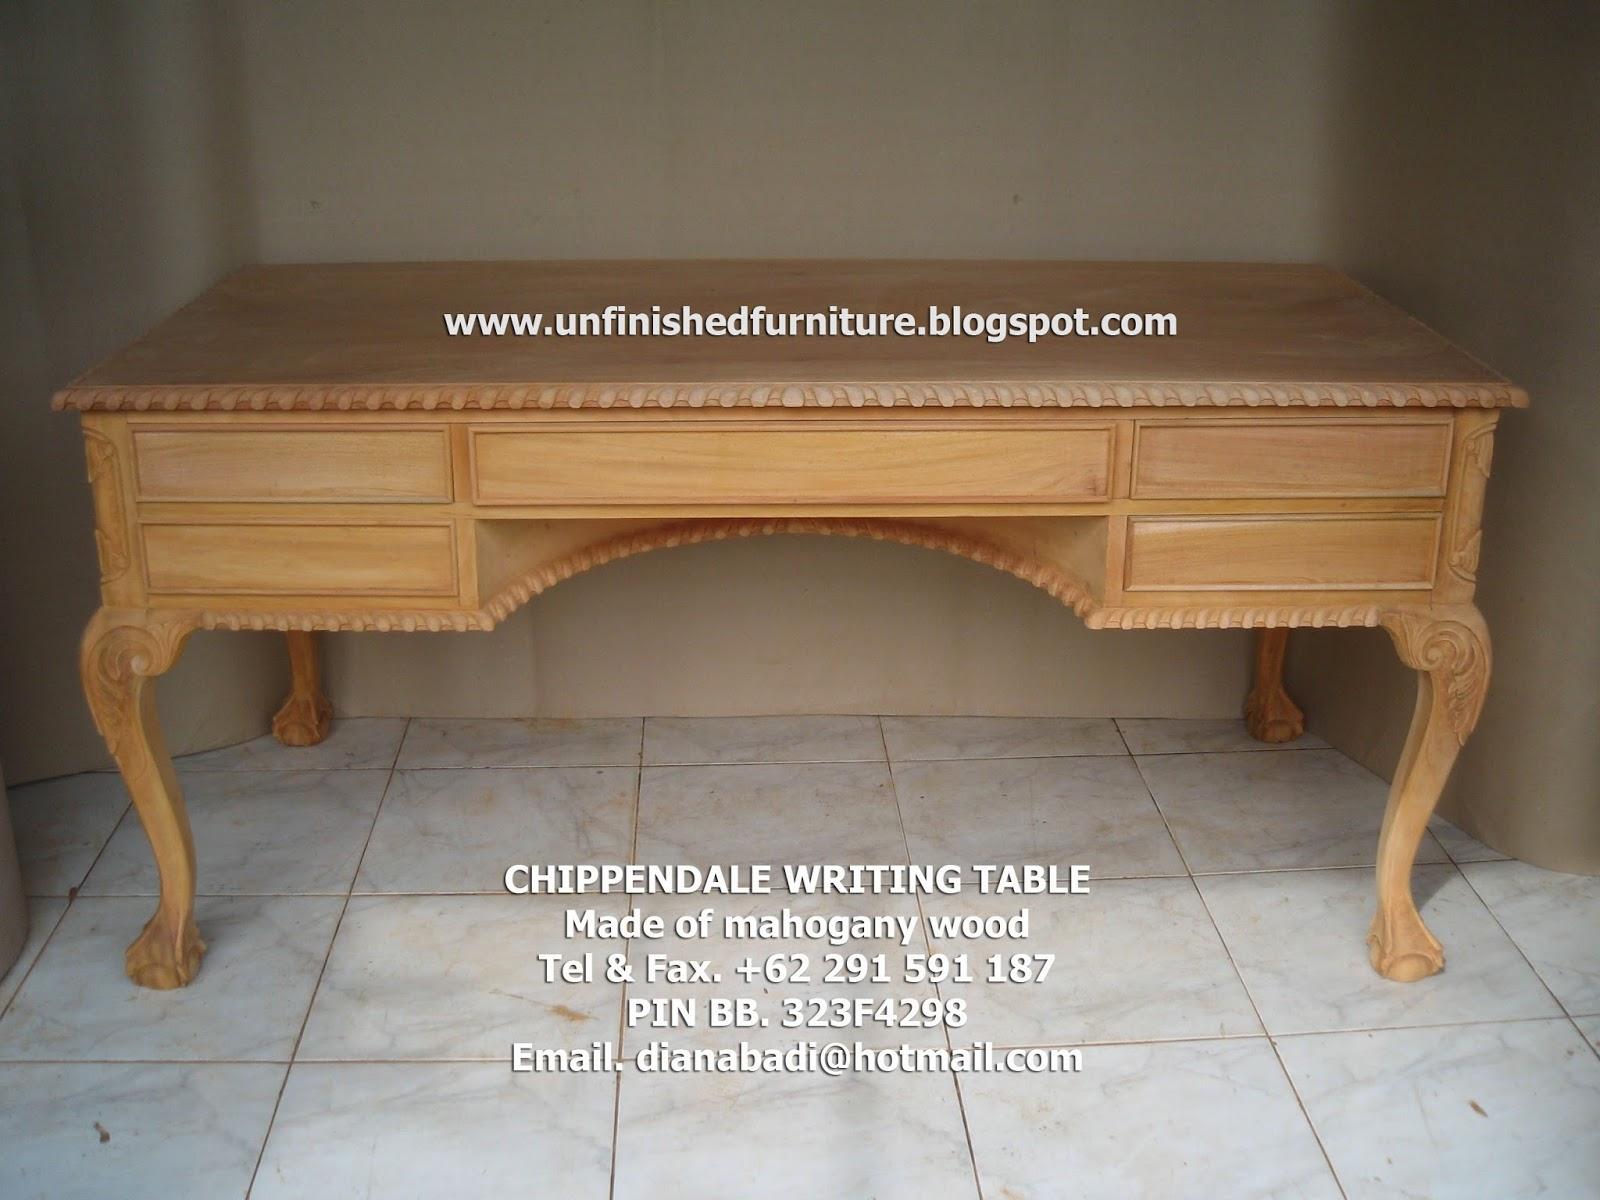 Mebel Klasik Furniture klasik meja tulis klasik chippendale meja tulis ukir mahoni jepara, meja solid kayu mahoni, meja tulis ukir chippendale 5 laci, meja tulis klasik